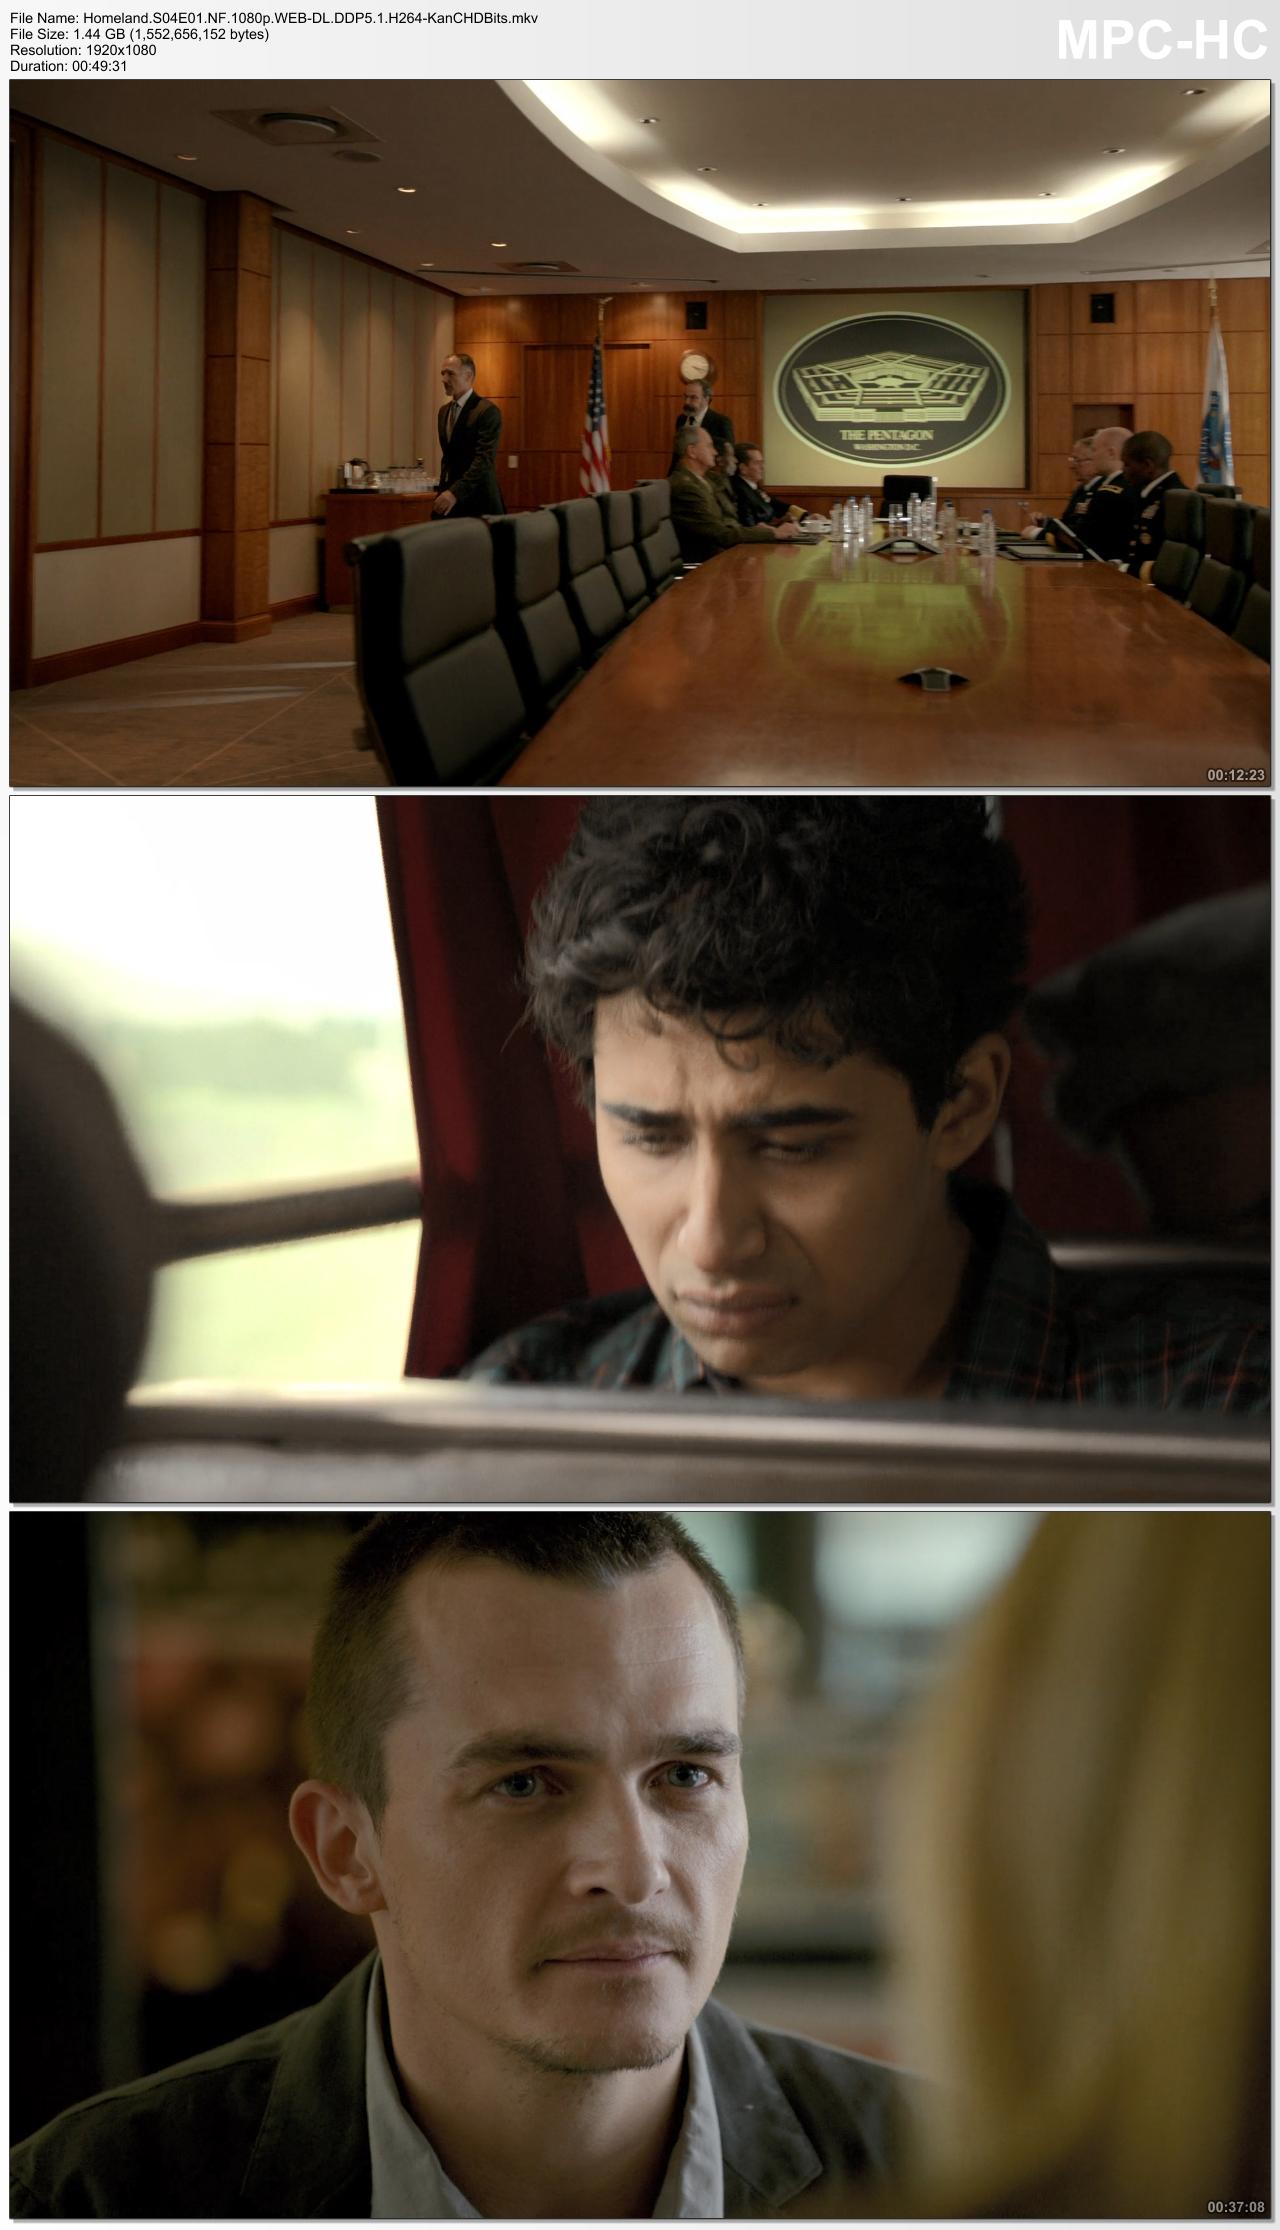 Tổ Quốc Phần 04 - Homeland S04 2014 1080p NF WEB-DL DDP5.1 x264 screenshots